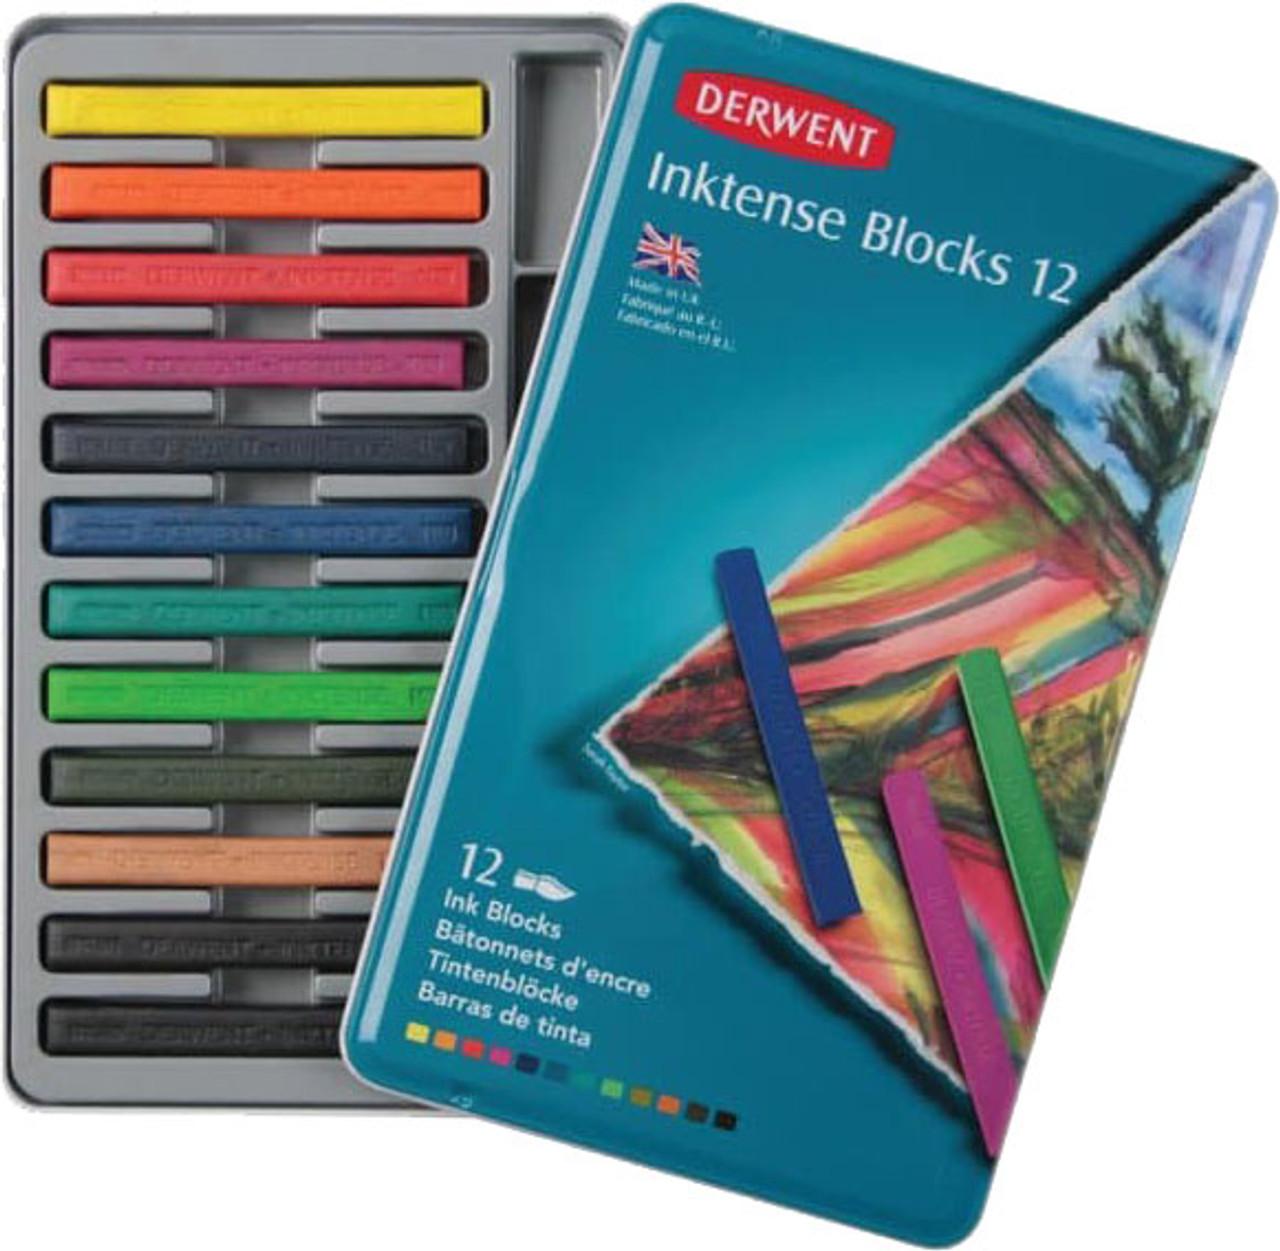 Derwent Inktense Blocks 12pc Tin Set